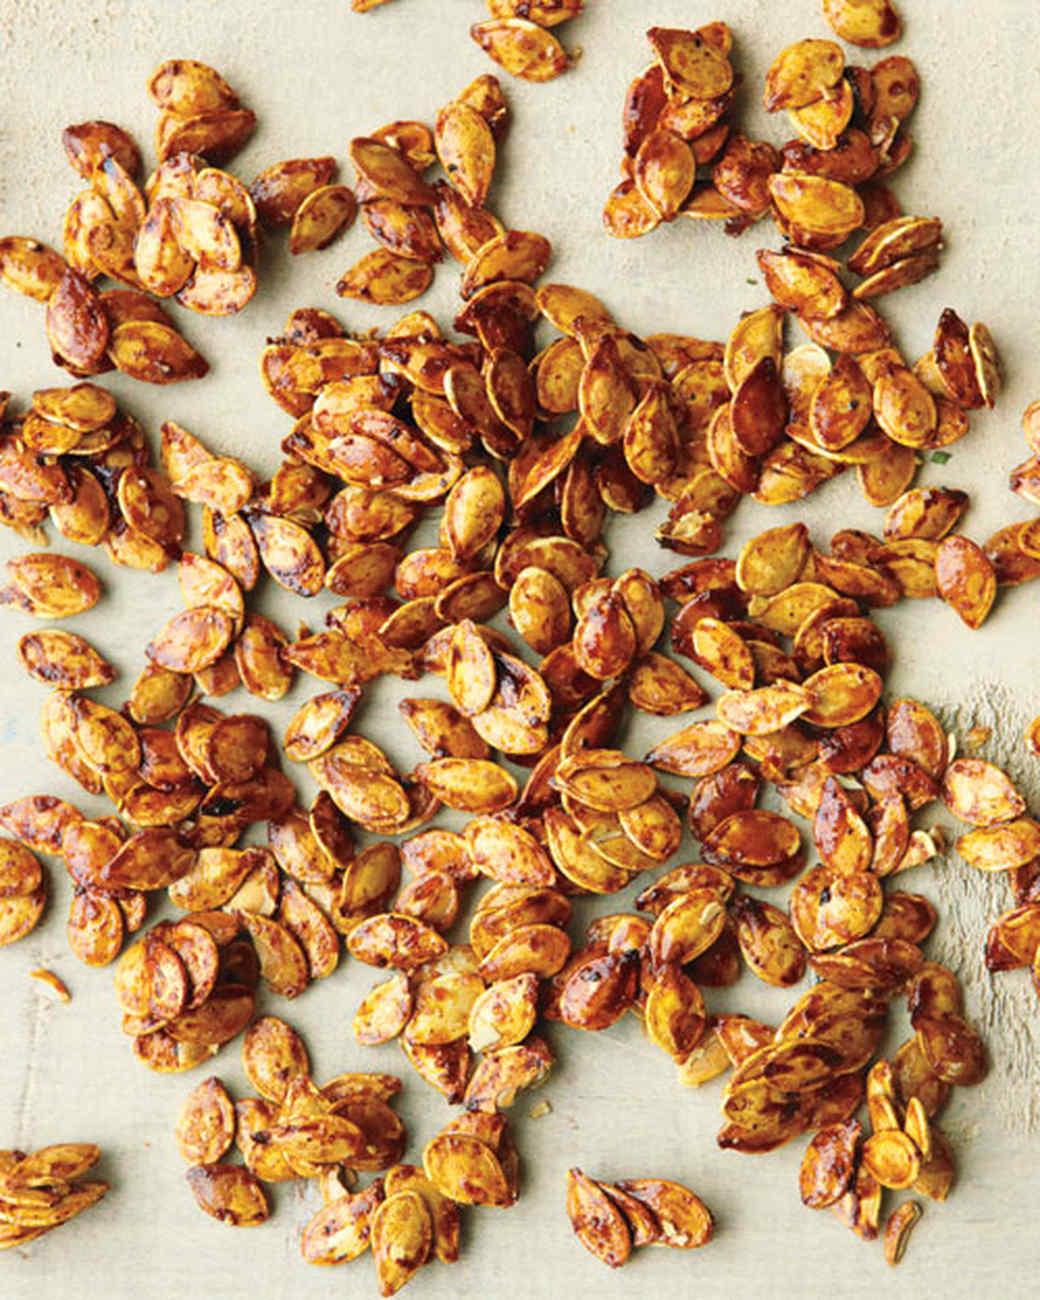 Spiced Pumpkin Seeds